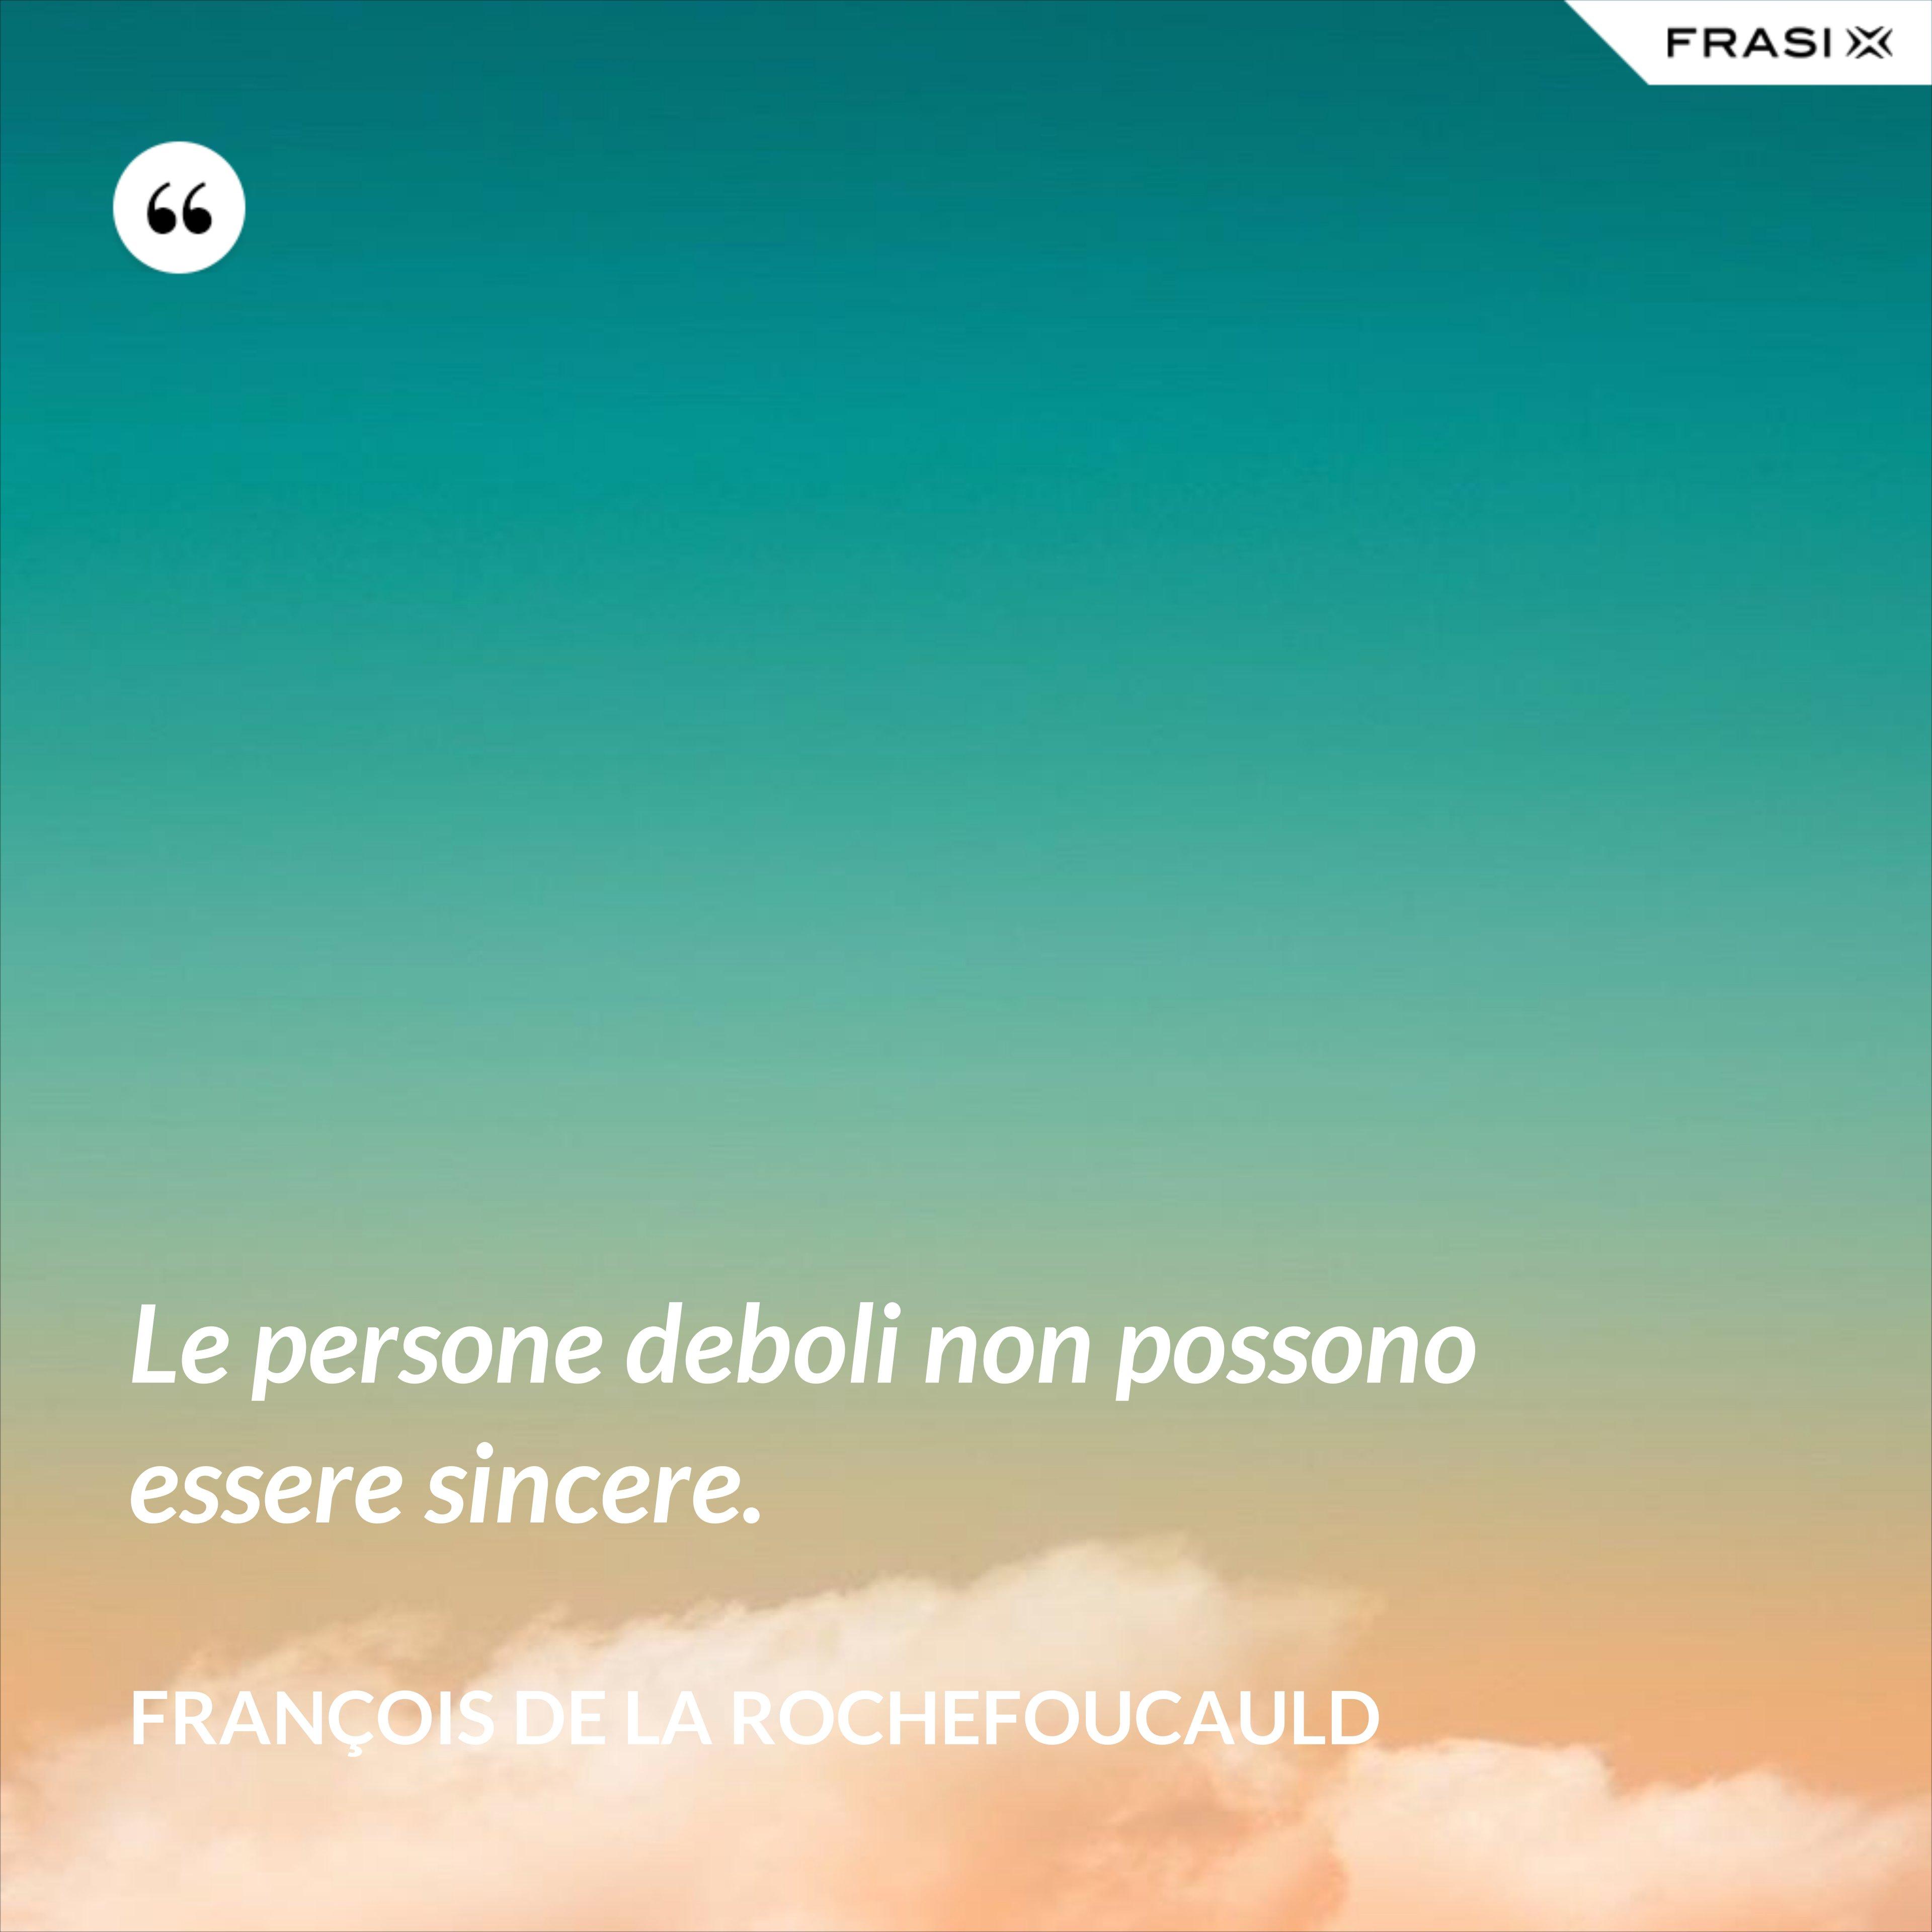 Le persone deboli non possono essere sincere. - François de La Rochefoucauld